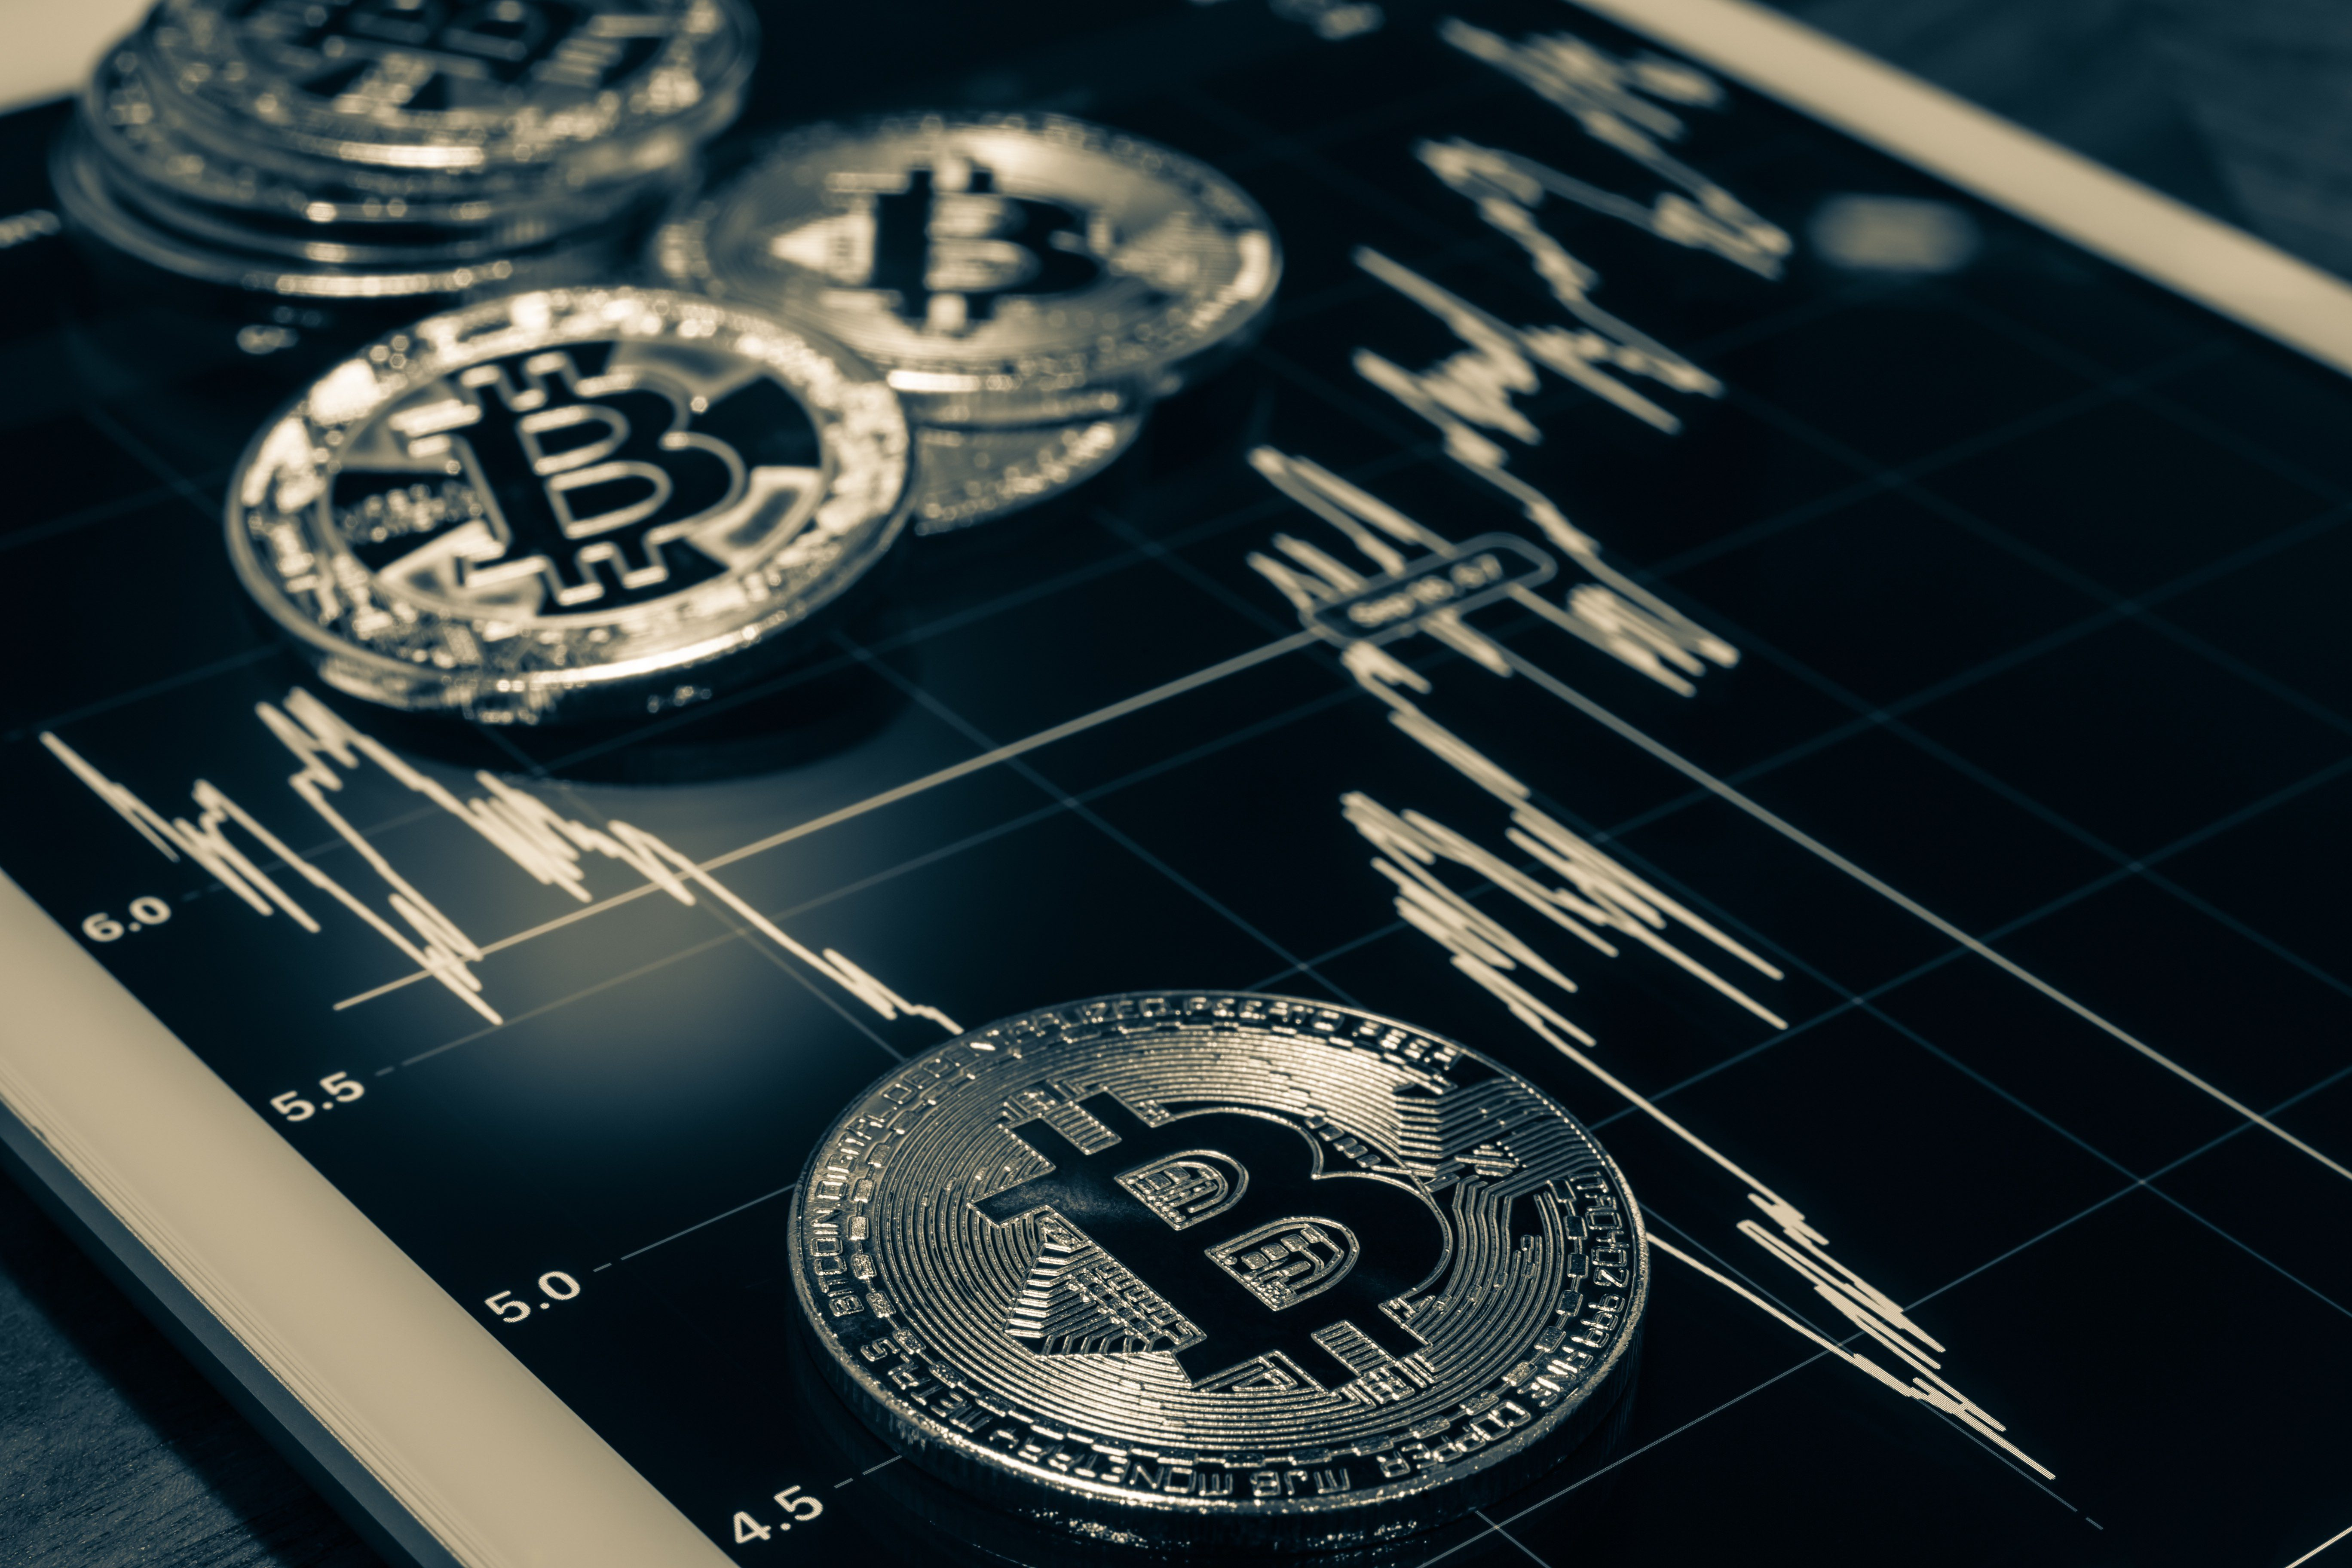 giá bitcoin: Số lượng địa chỉ ví Bitcoin trị giá hơn 100,000 USD đạt ngưỡng cao lịch sử